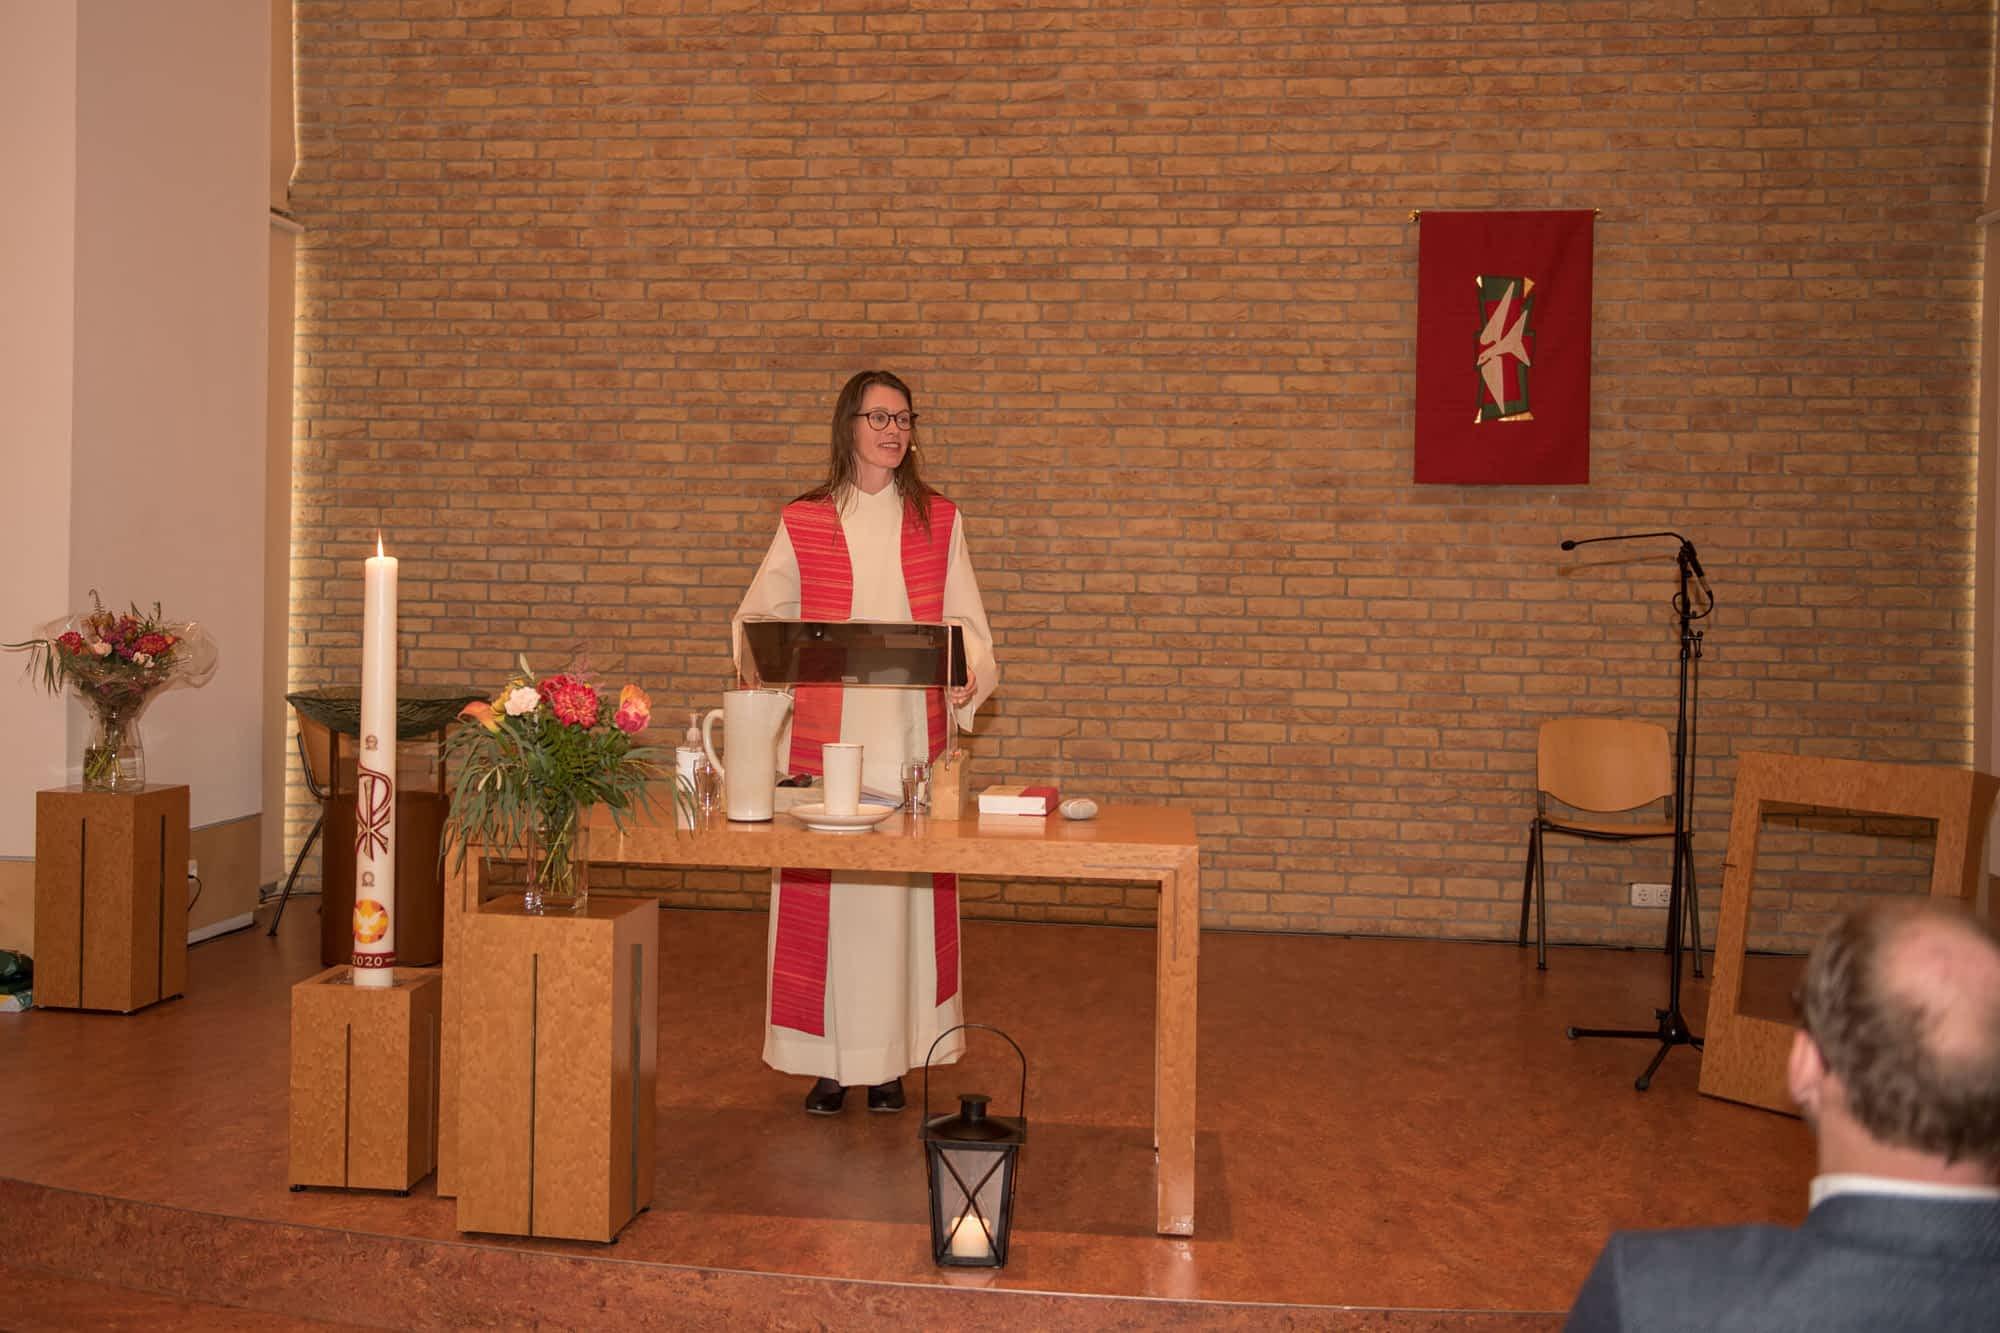 Els Klok, nieuw predikant van de Lichtkring in Alphen aan den Rijn